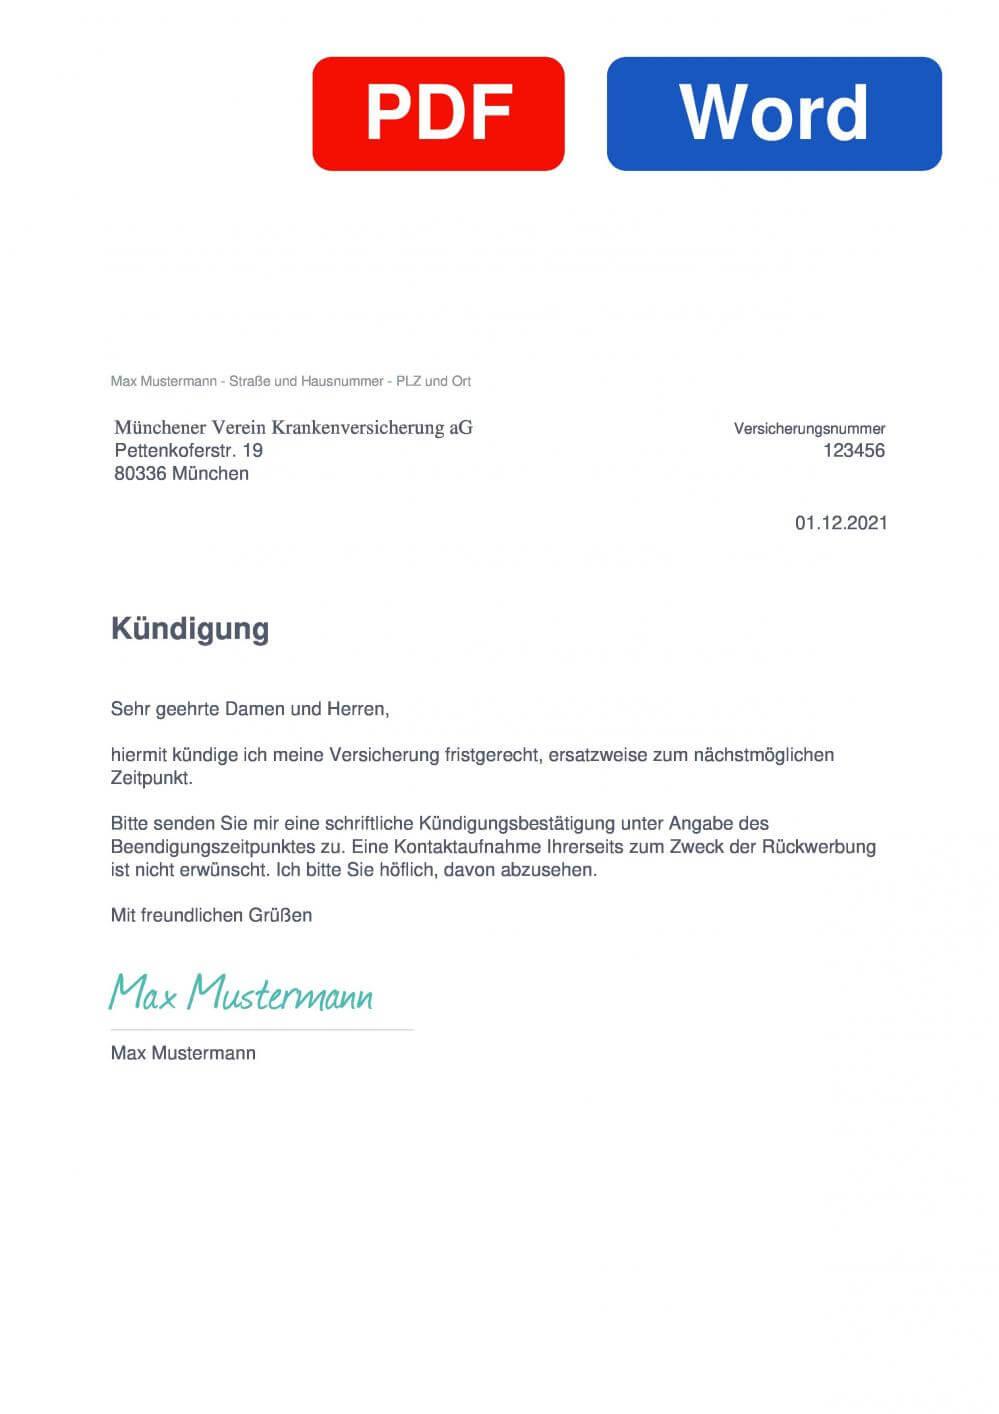 Münchener Verein Krankenversicherung Muster Vorlage für Kündigungsschreiben